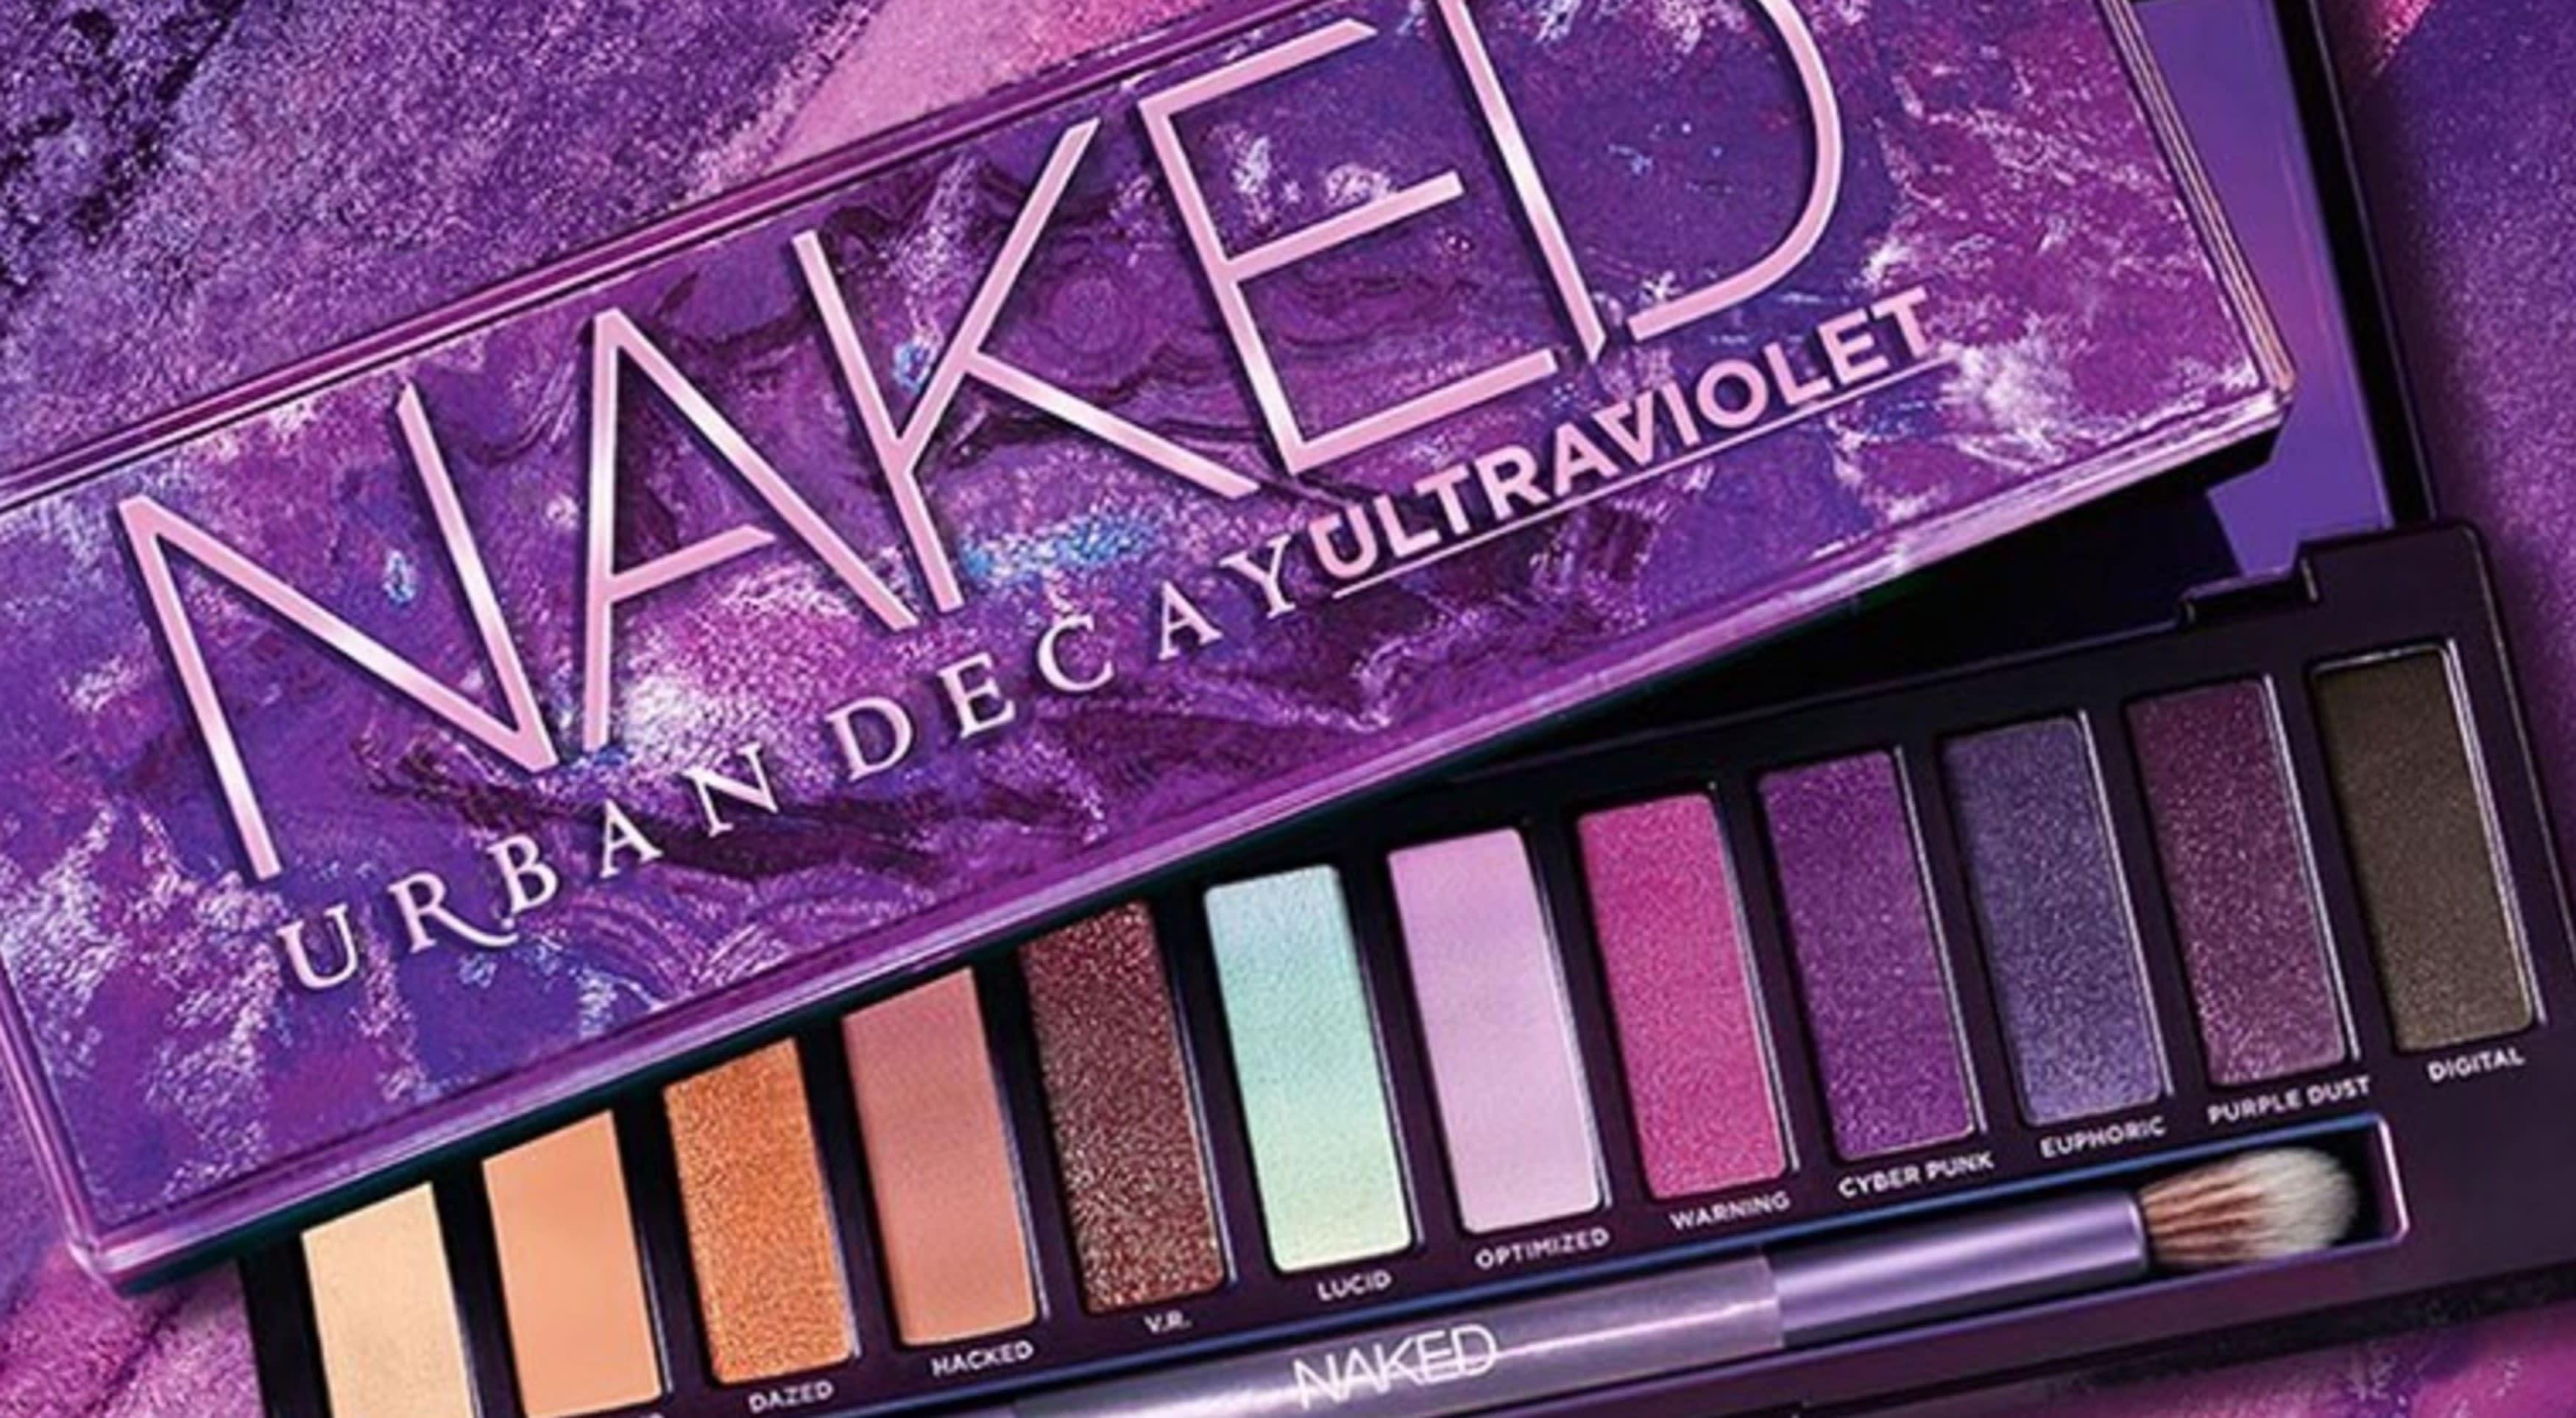 Sneak Peek! Urban Decay Naked Ultraviolet Eyeshadow